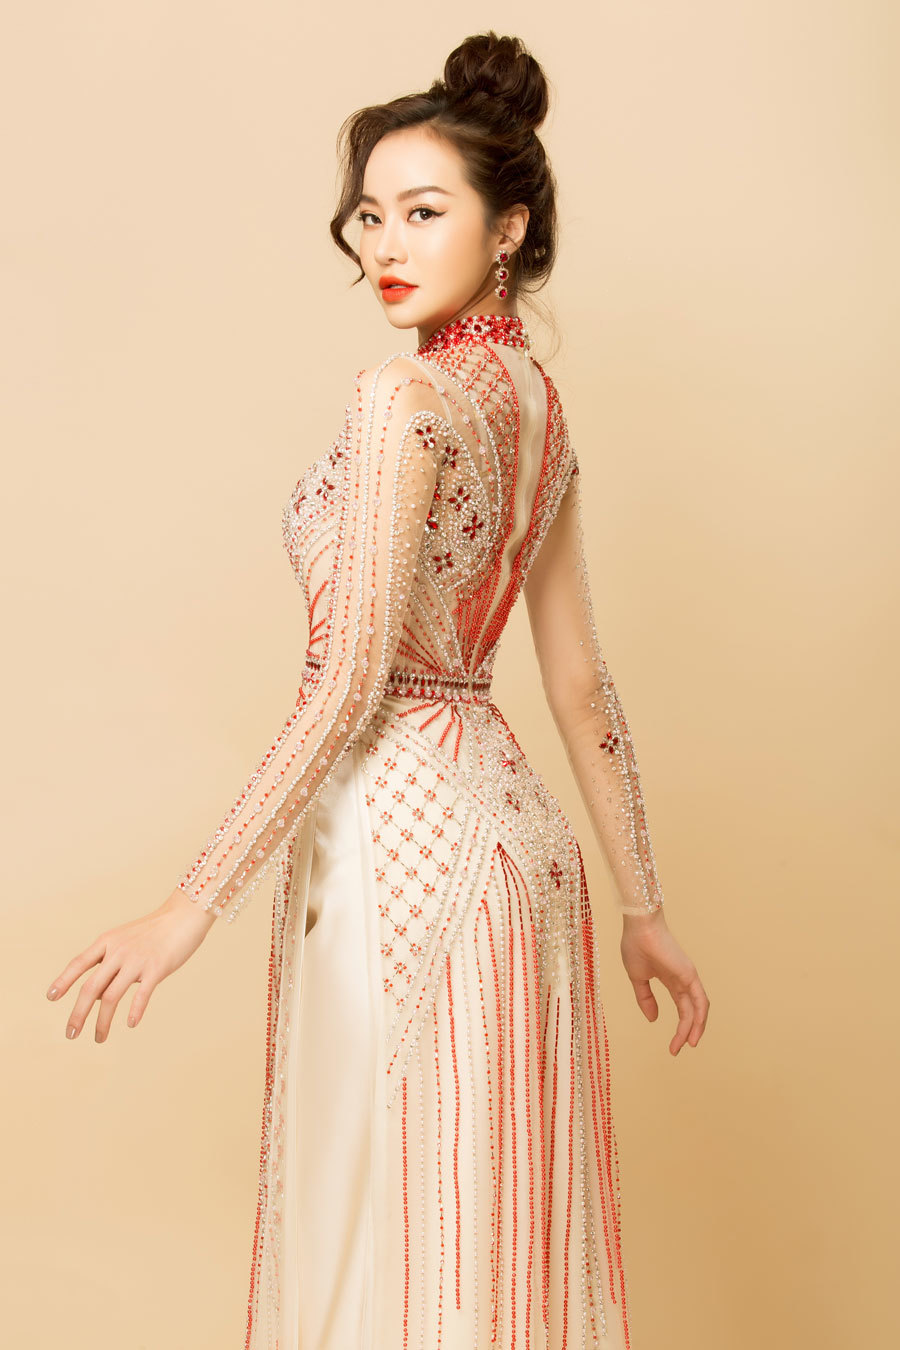 Hoa hậu Kiều Ngân gợi cảm với áo dài xuyên thấu